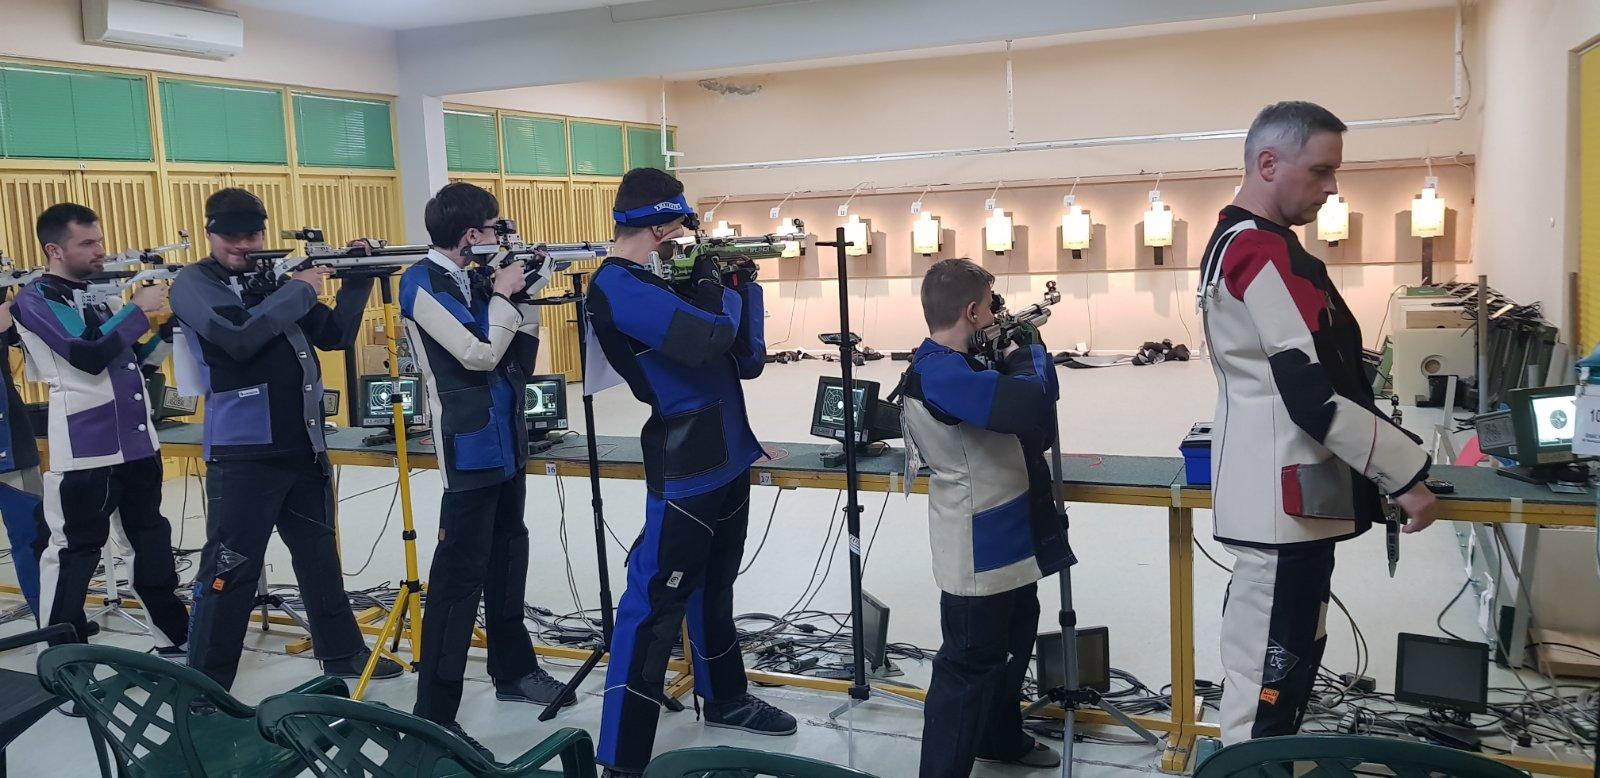 Andrea Marić kadet streljačkog kluba rovinj na natjecanju u Solinu obara osobni rekord u streljaštvu